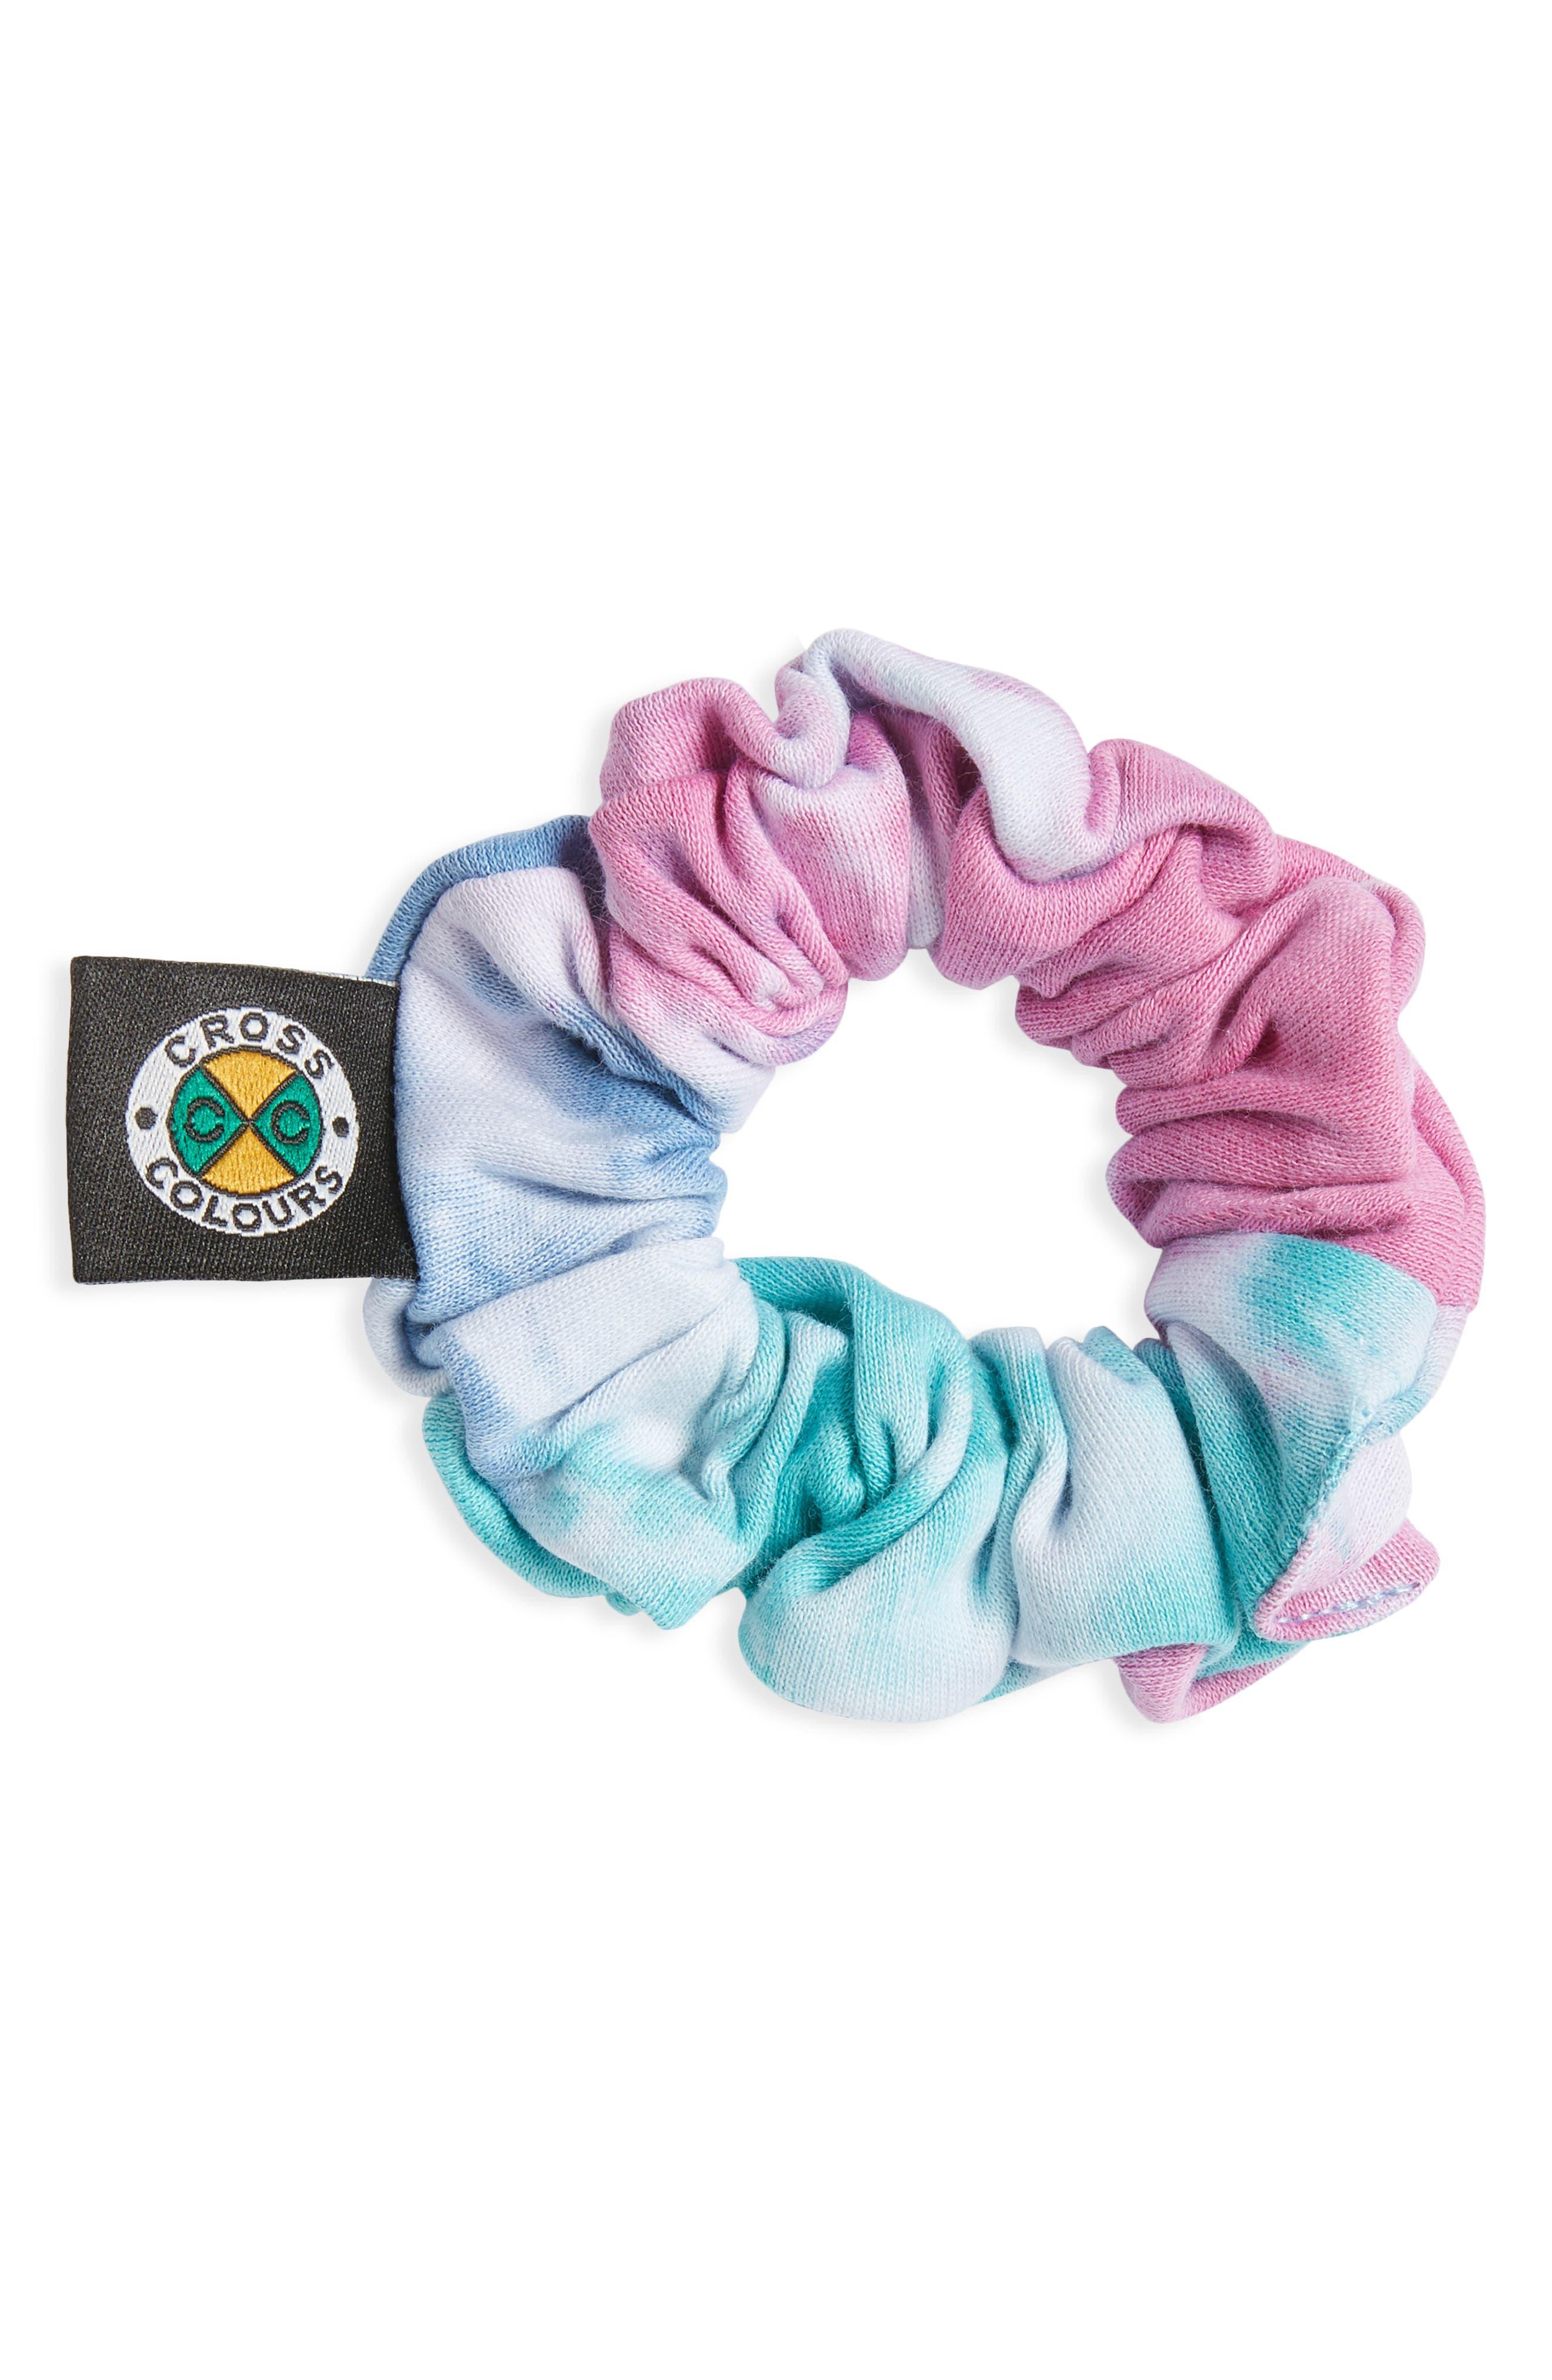 Cxc Tie Dye Scrunchie